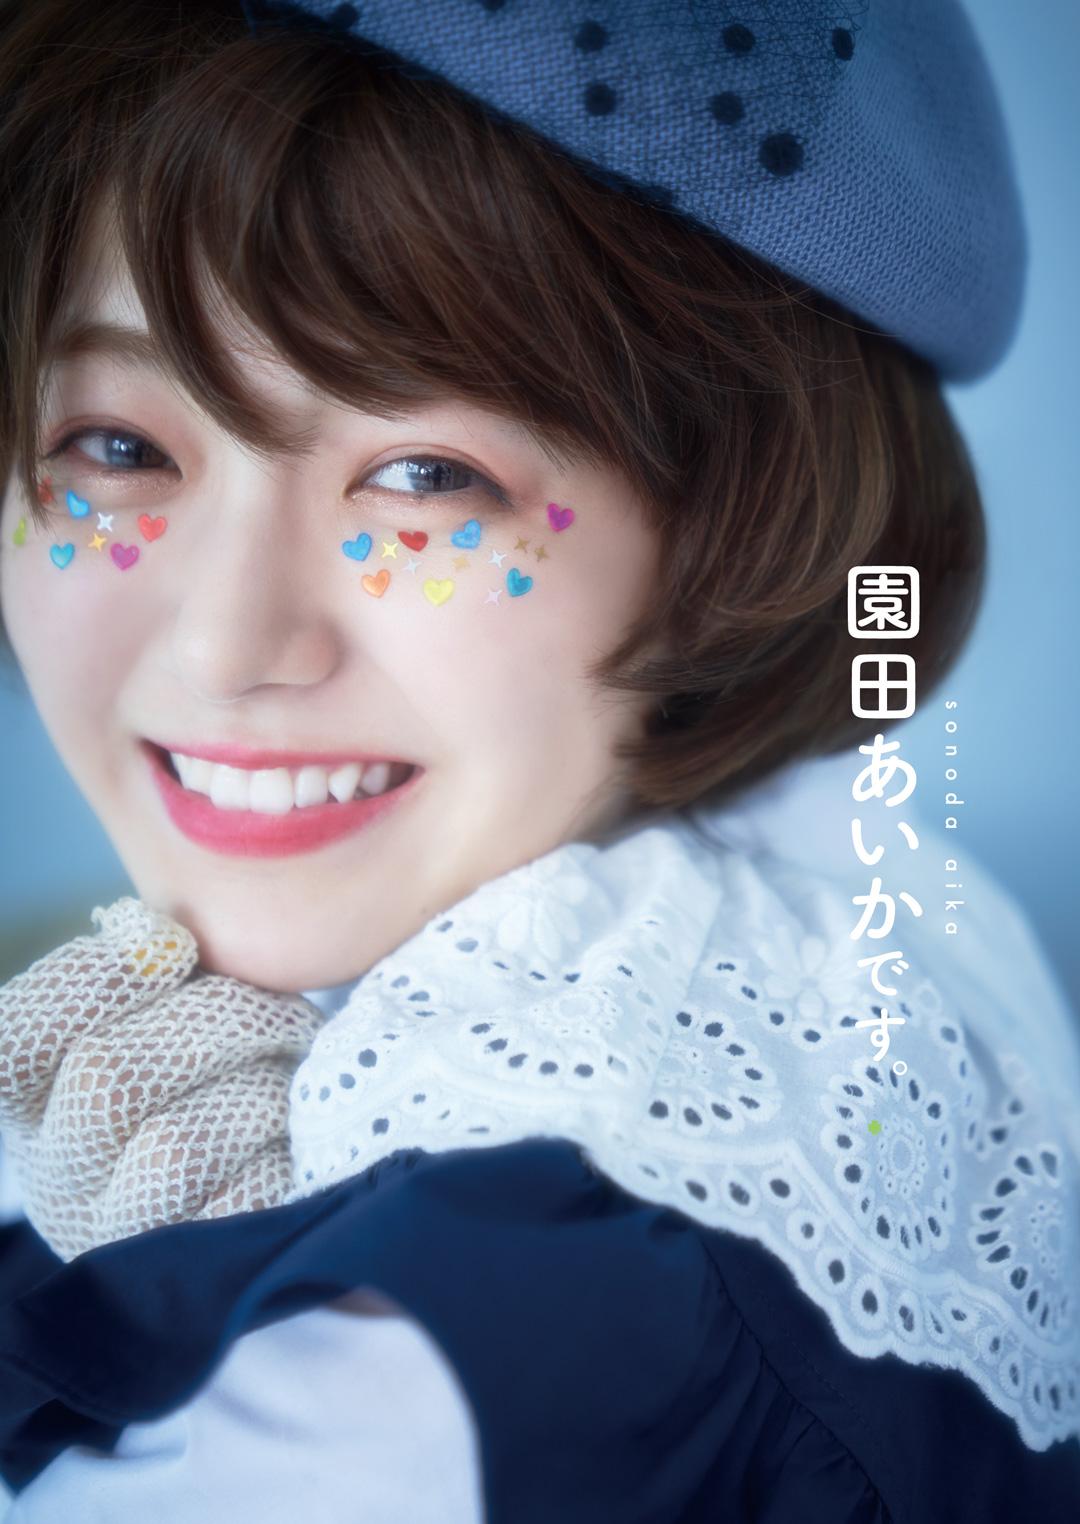 web_syoei_sonoda.jpg